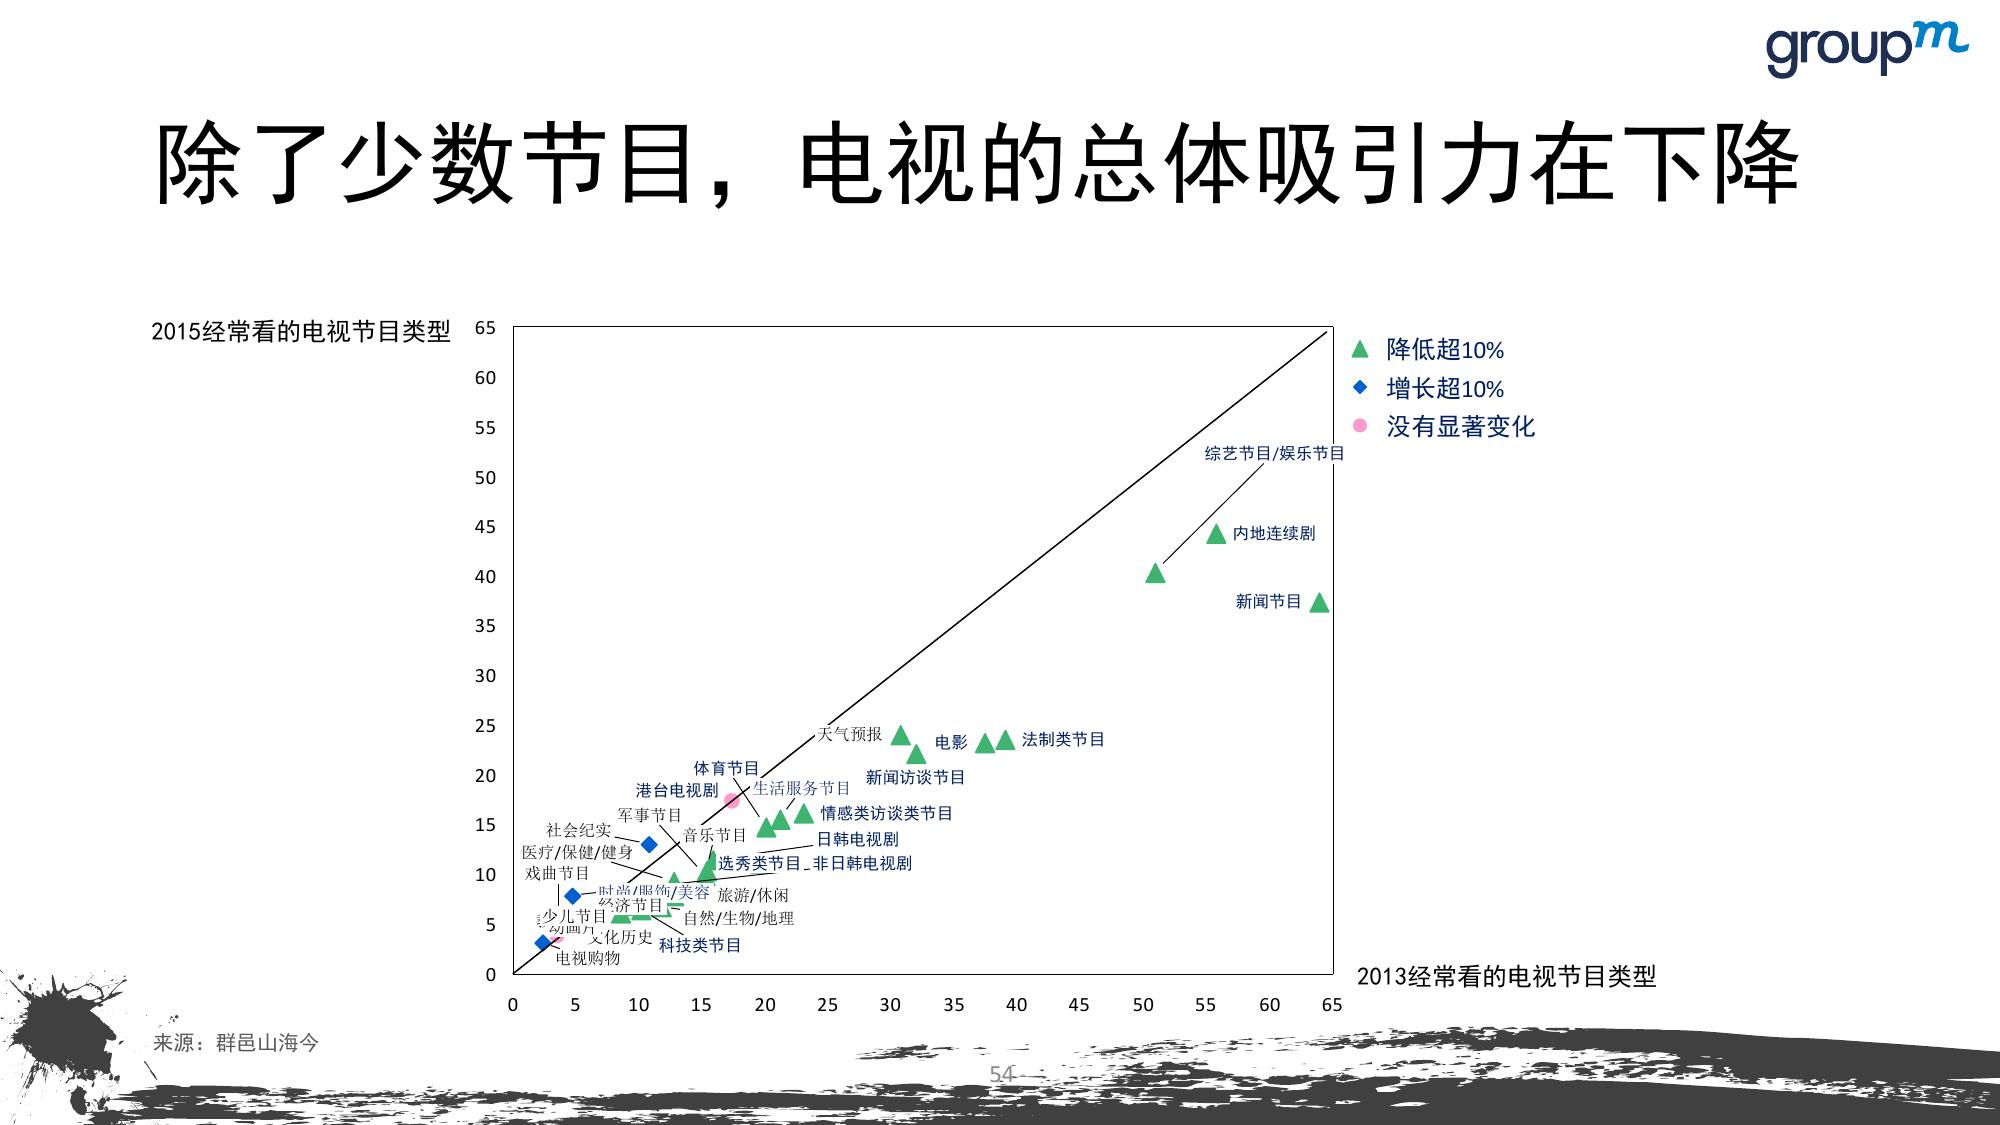 山海今2015中国媒介趋势报告_000054